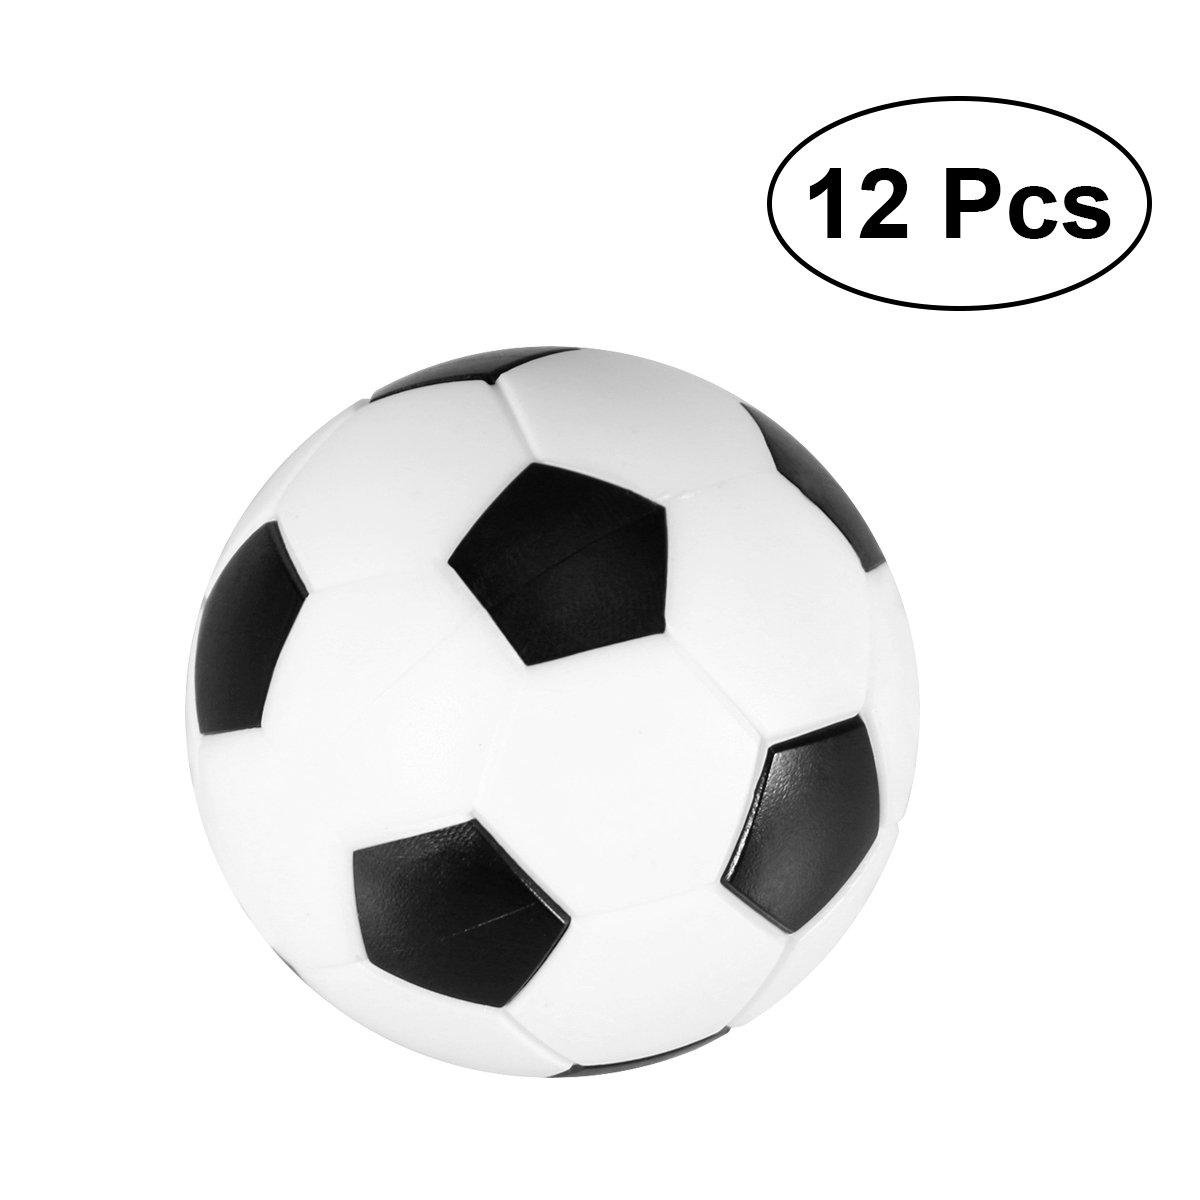 VORCOOL Mesa de futbolín 12pcs 36MM Foosball Reemplazo Blanco y ...